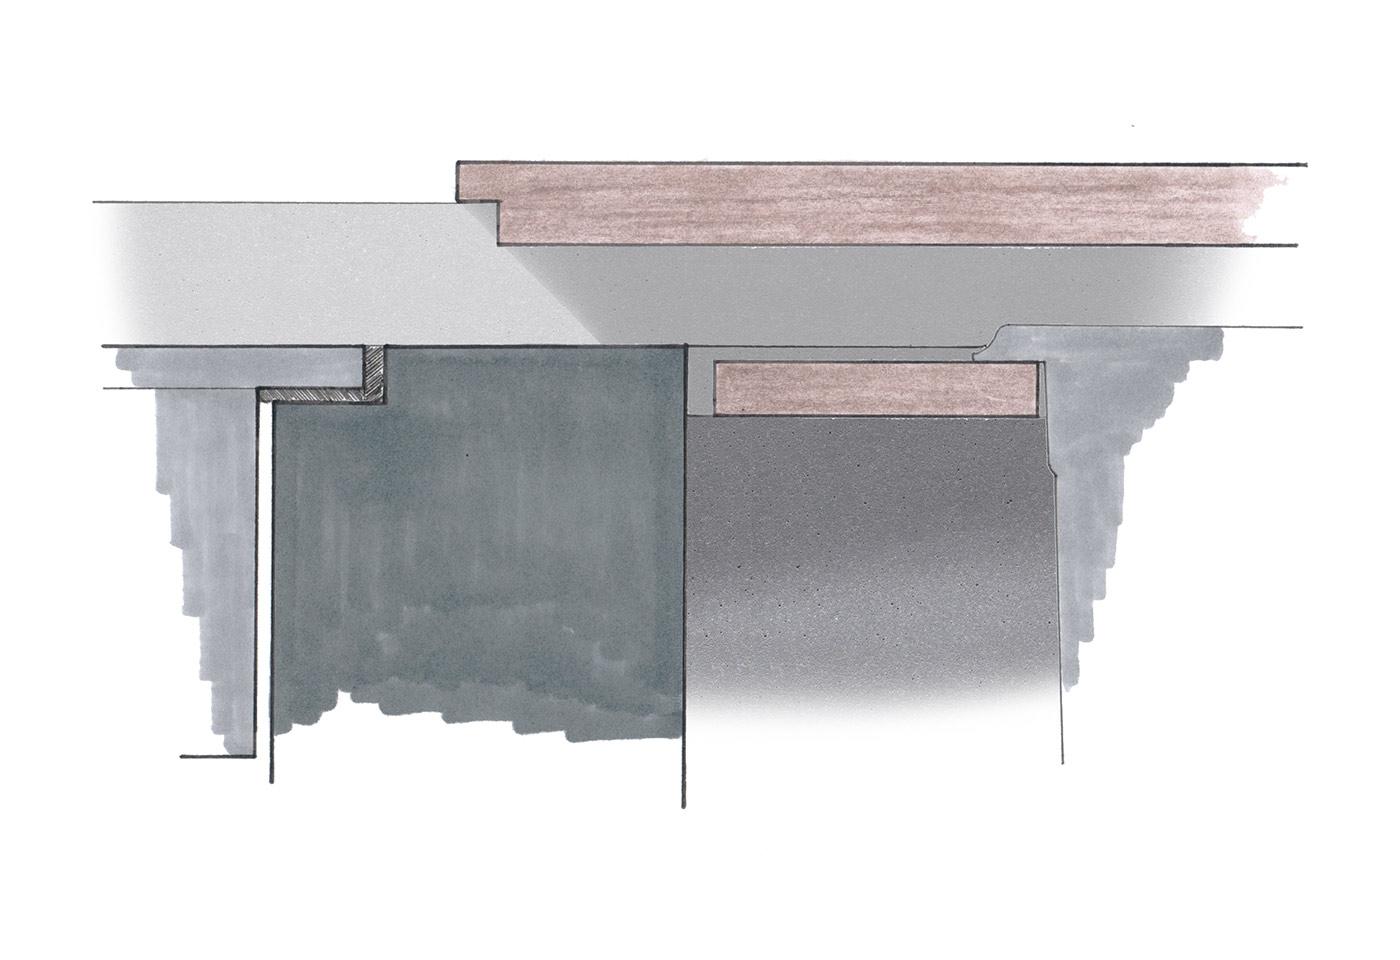 Skizze in Farbe mit unterschiedlichen Möglichkeiten der Gestaltung der Oberfläche einer Kücheninsel.